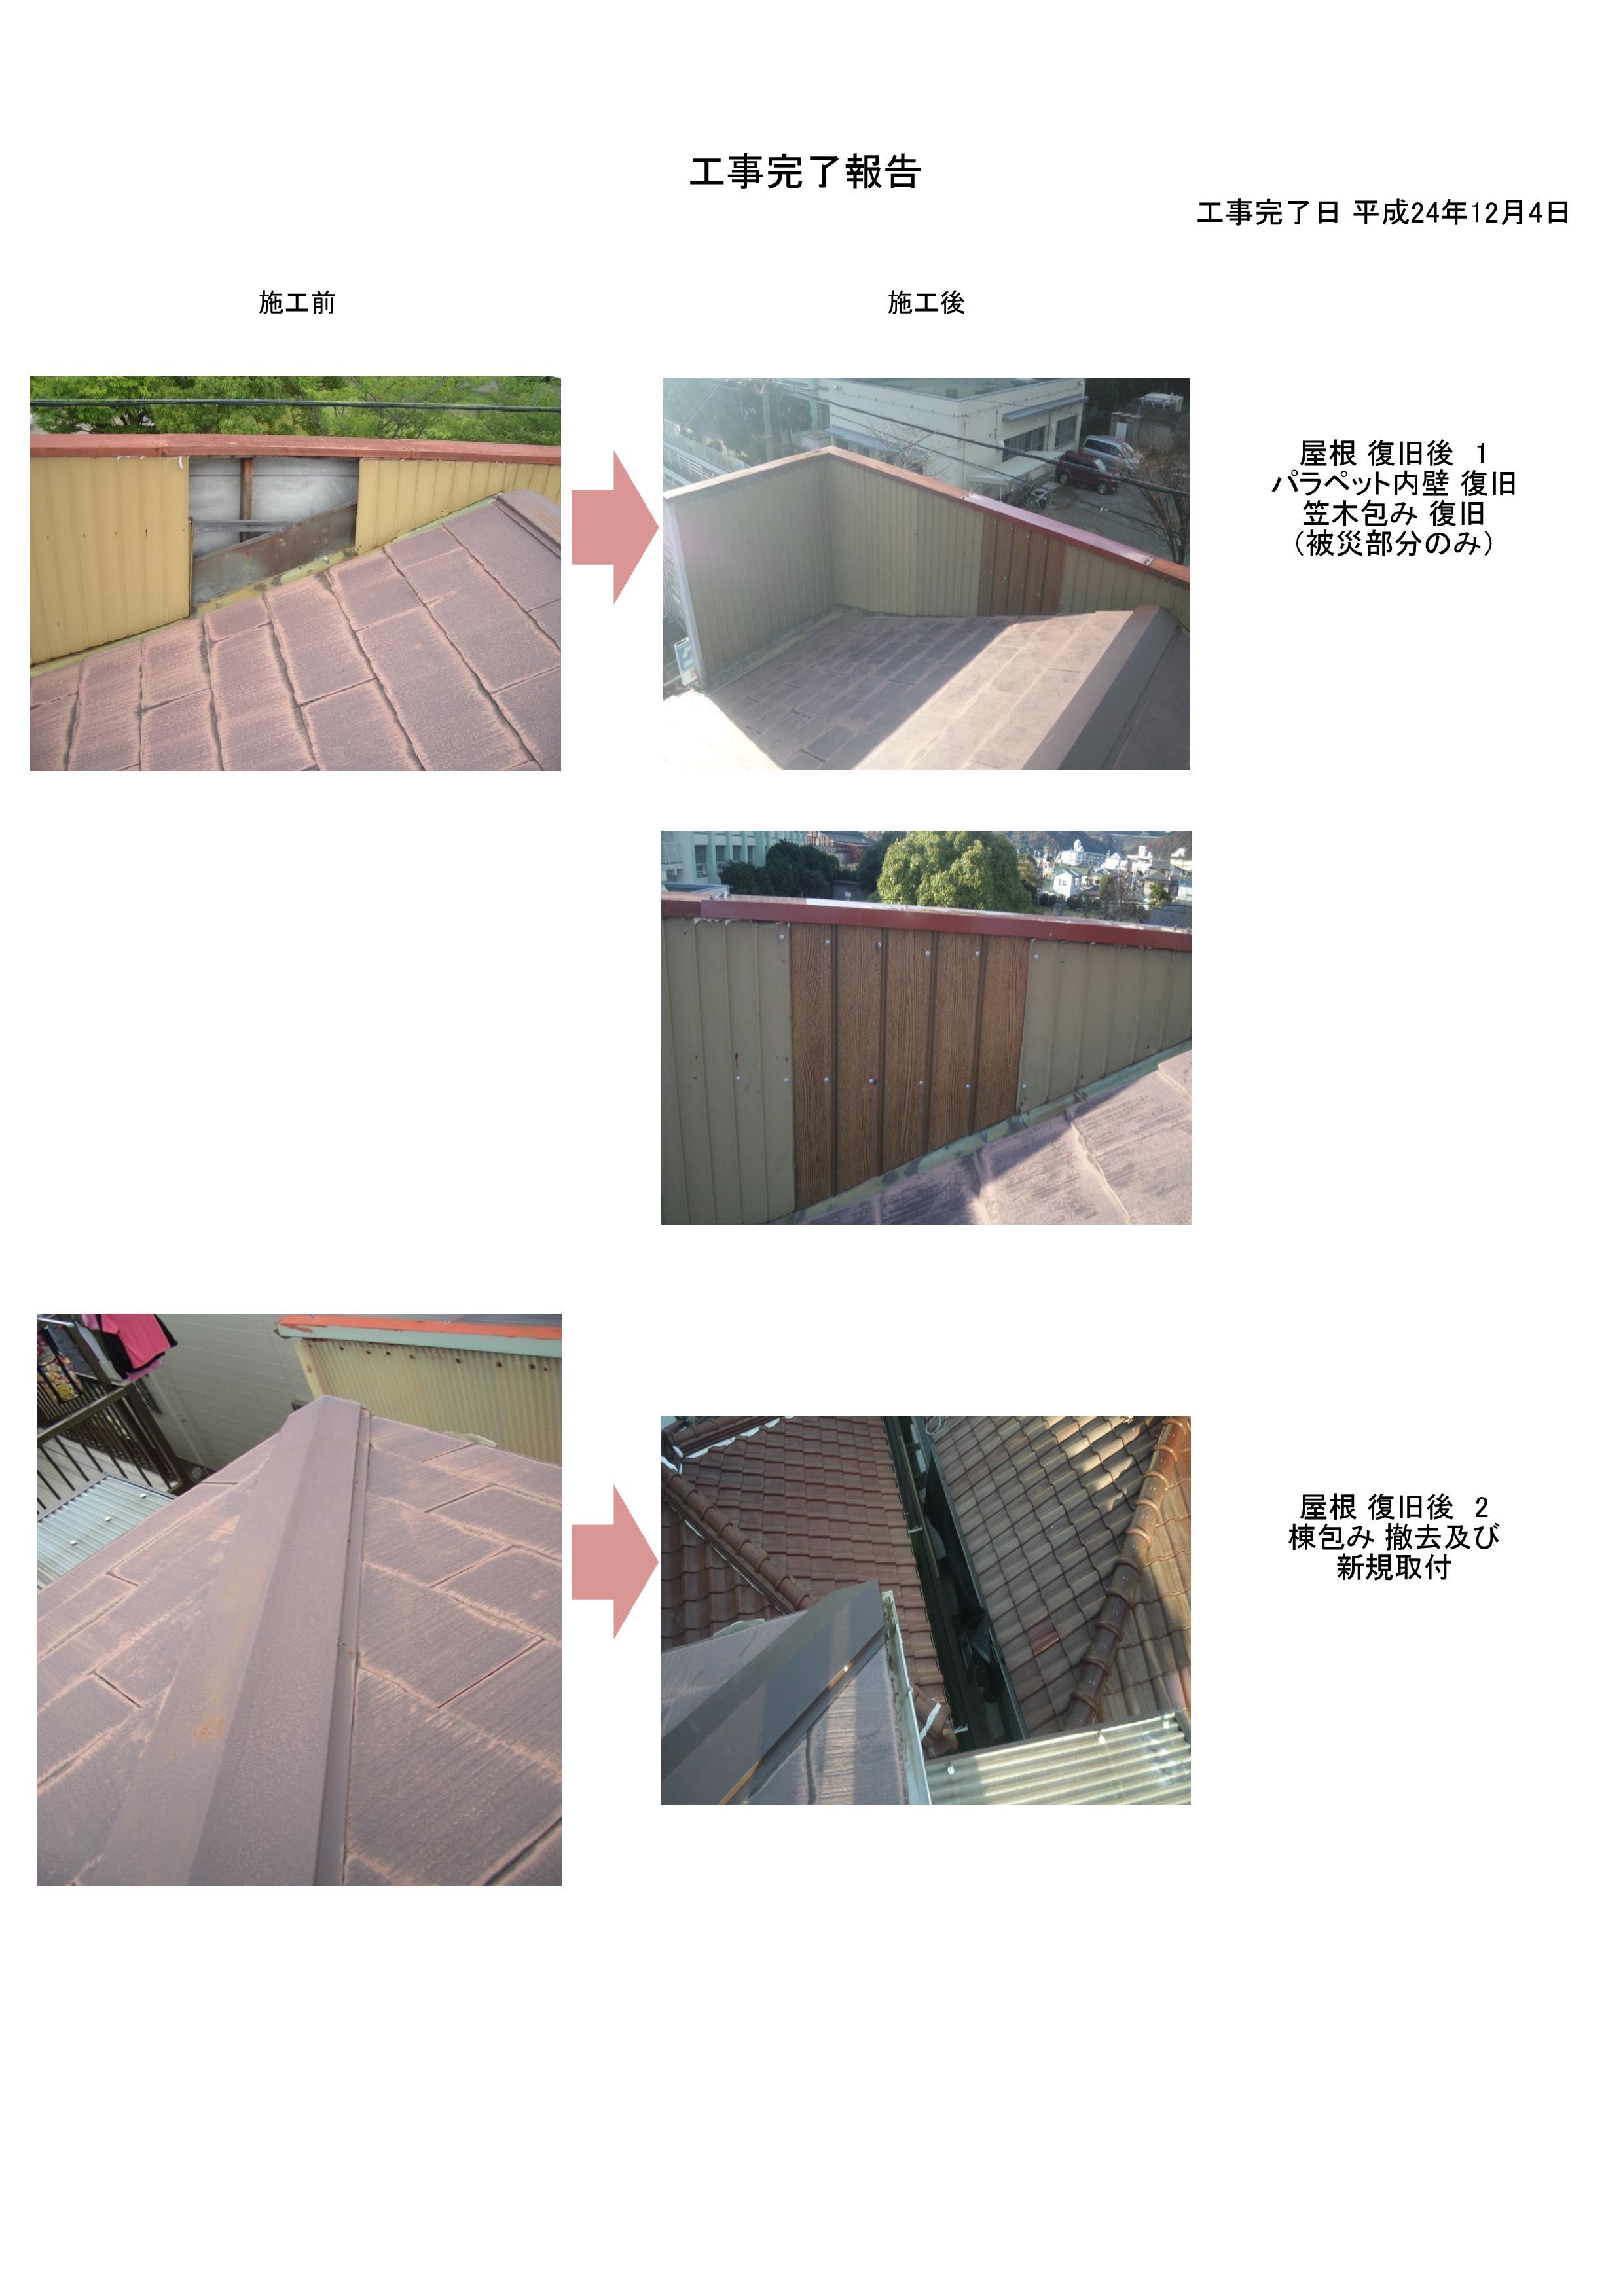 中谷様邸(福島) 工事完了報告書-001